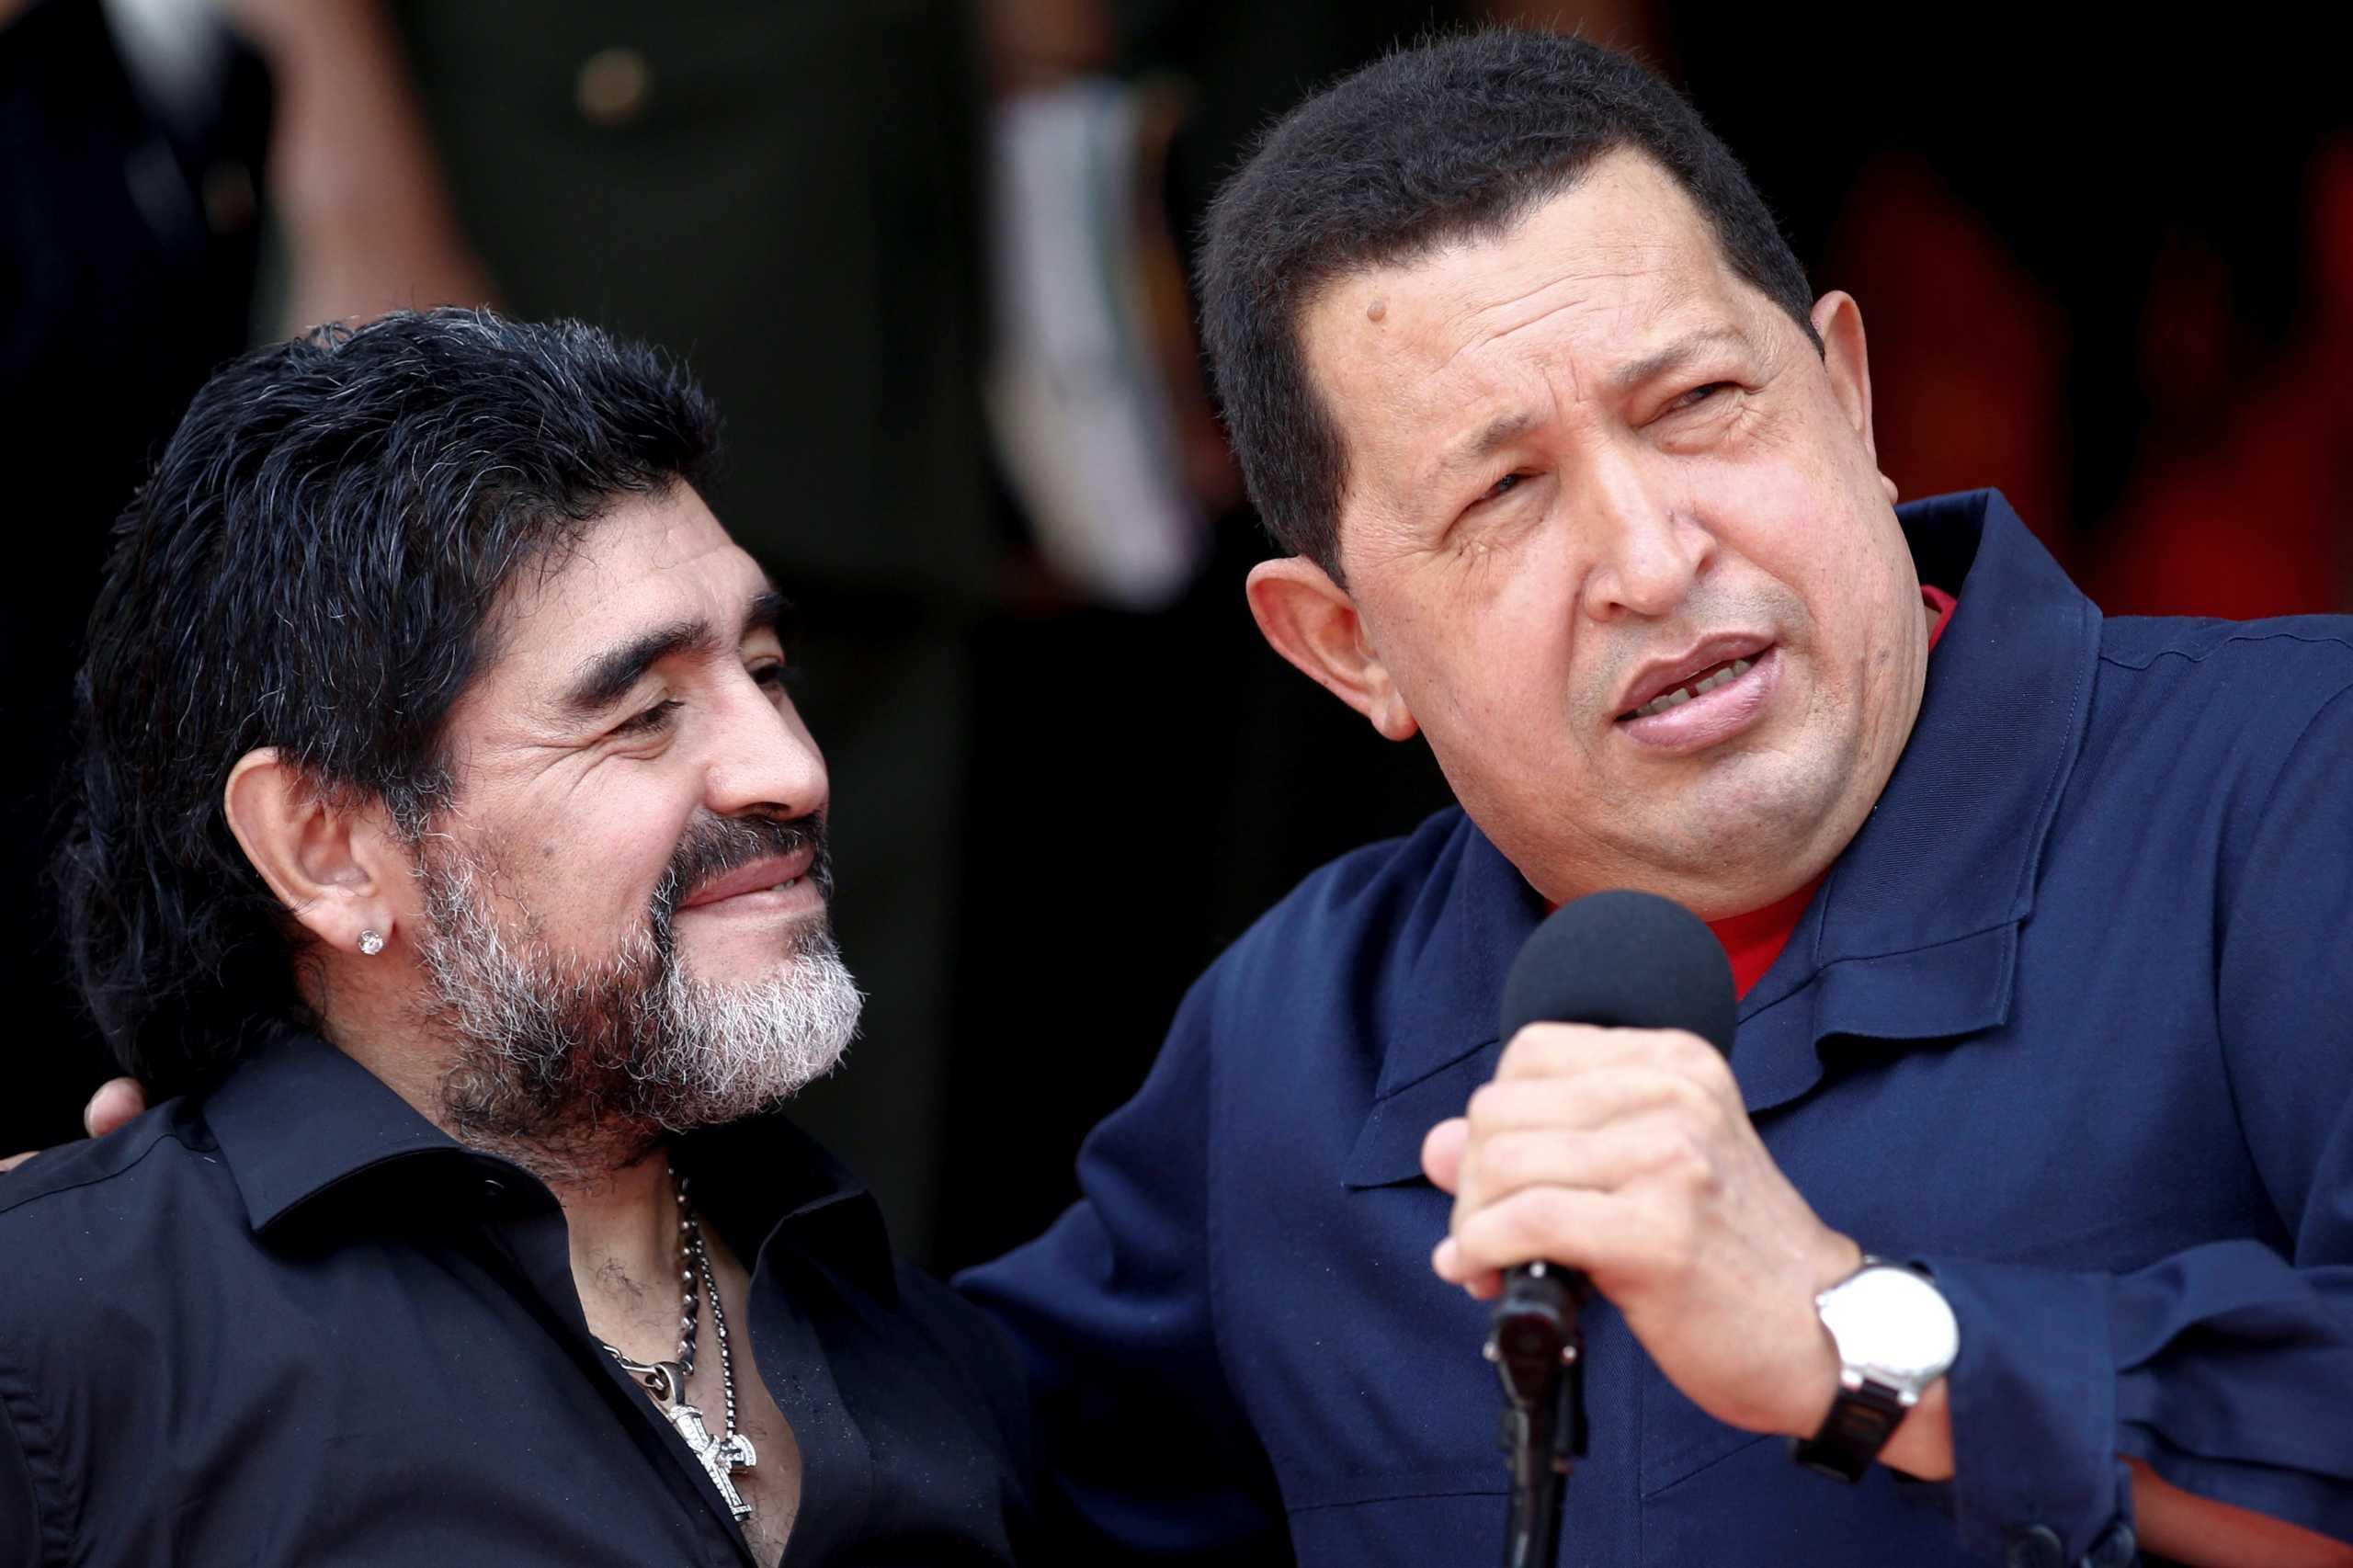 """Ντιέγκο Μαραντόνα: Ο """"κολλητός"""" Φιντέλ Κάστρο, το """"φαινόμενο"""" Πούτιν και το """"καρτούν"""" Τραμπ"""